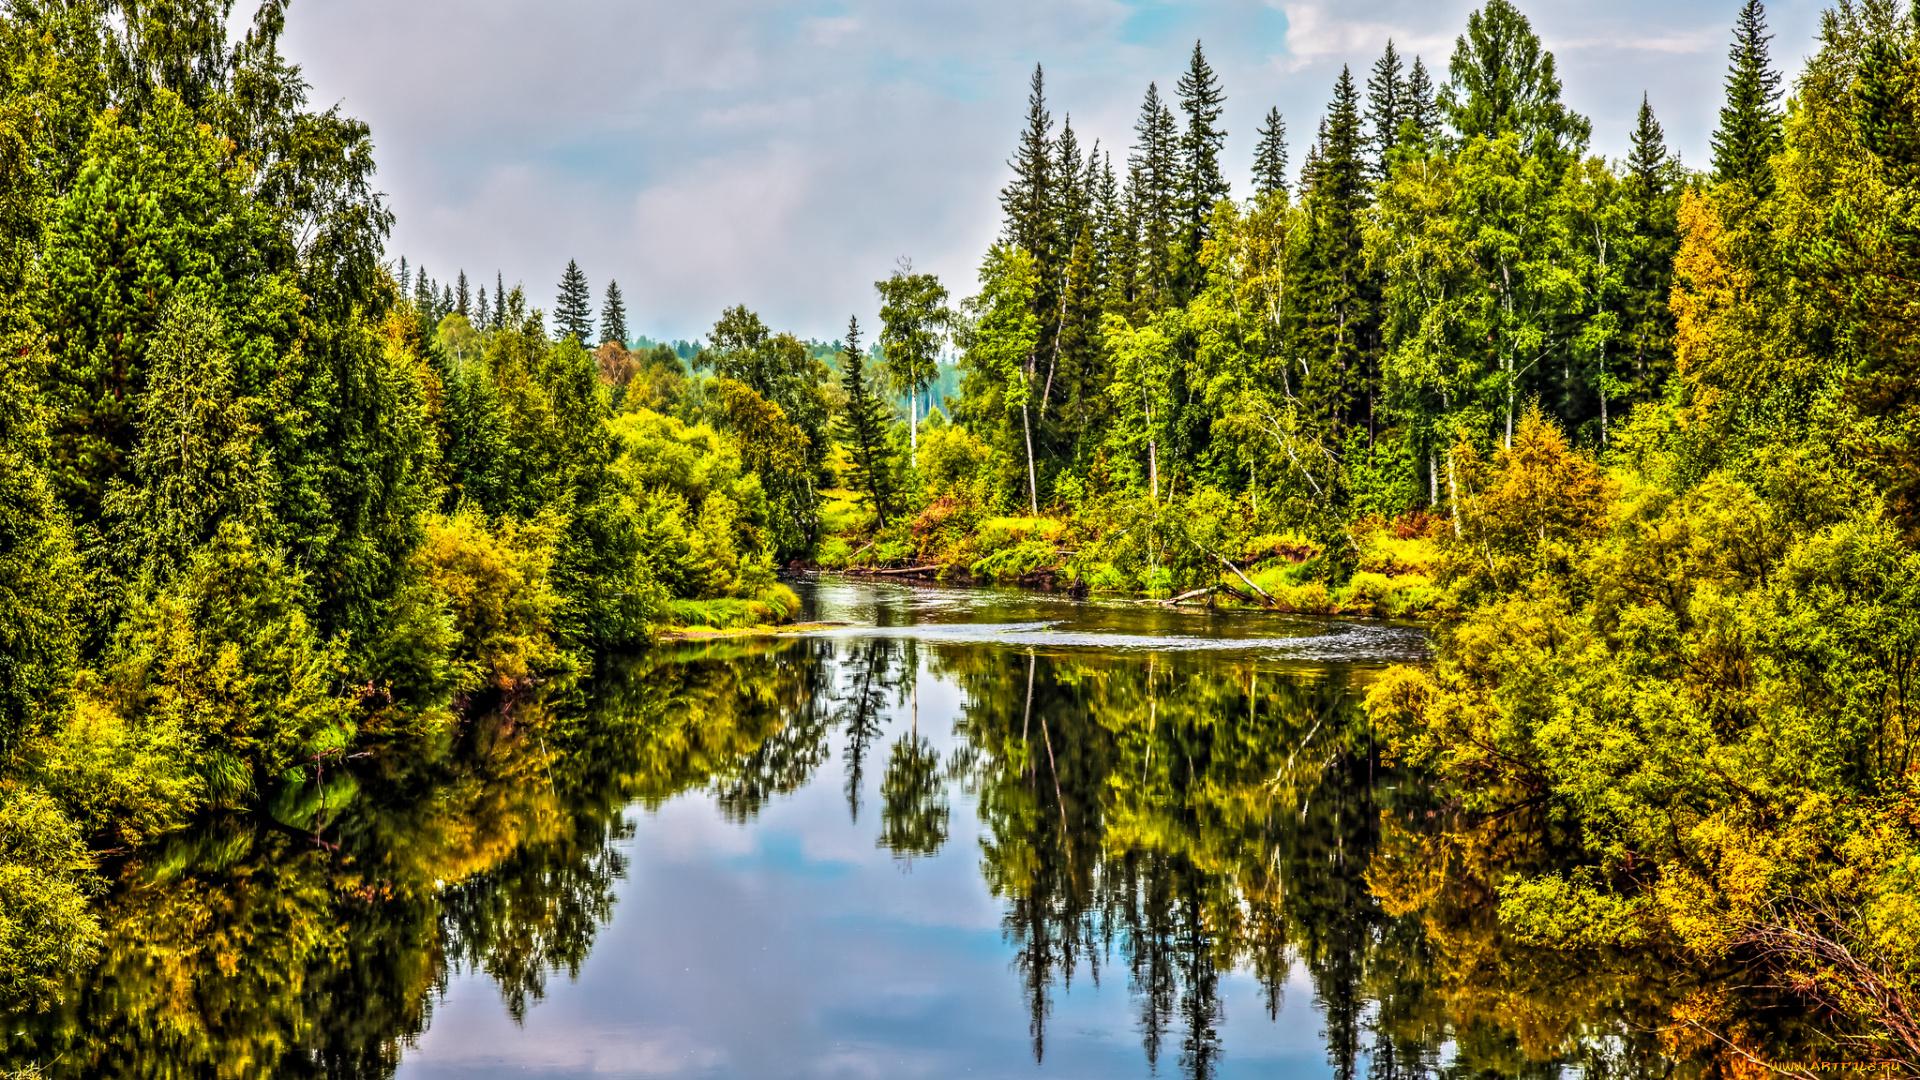 Фото природы лесов урала в высоком качестве